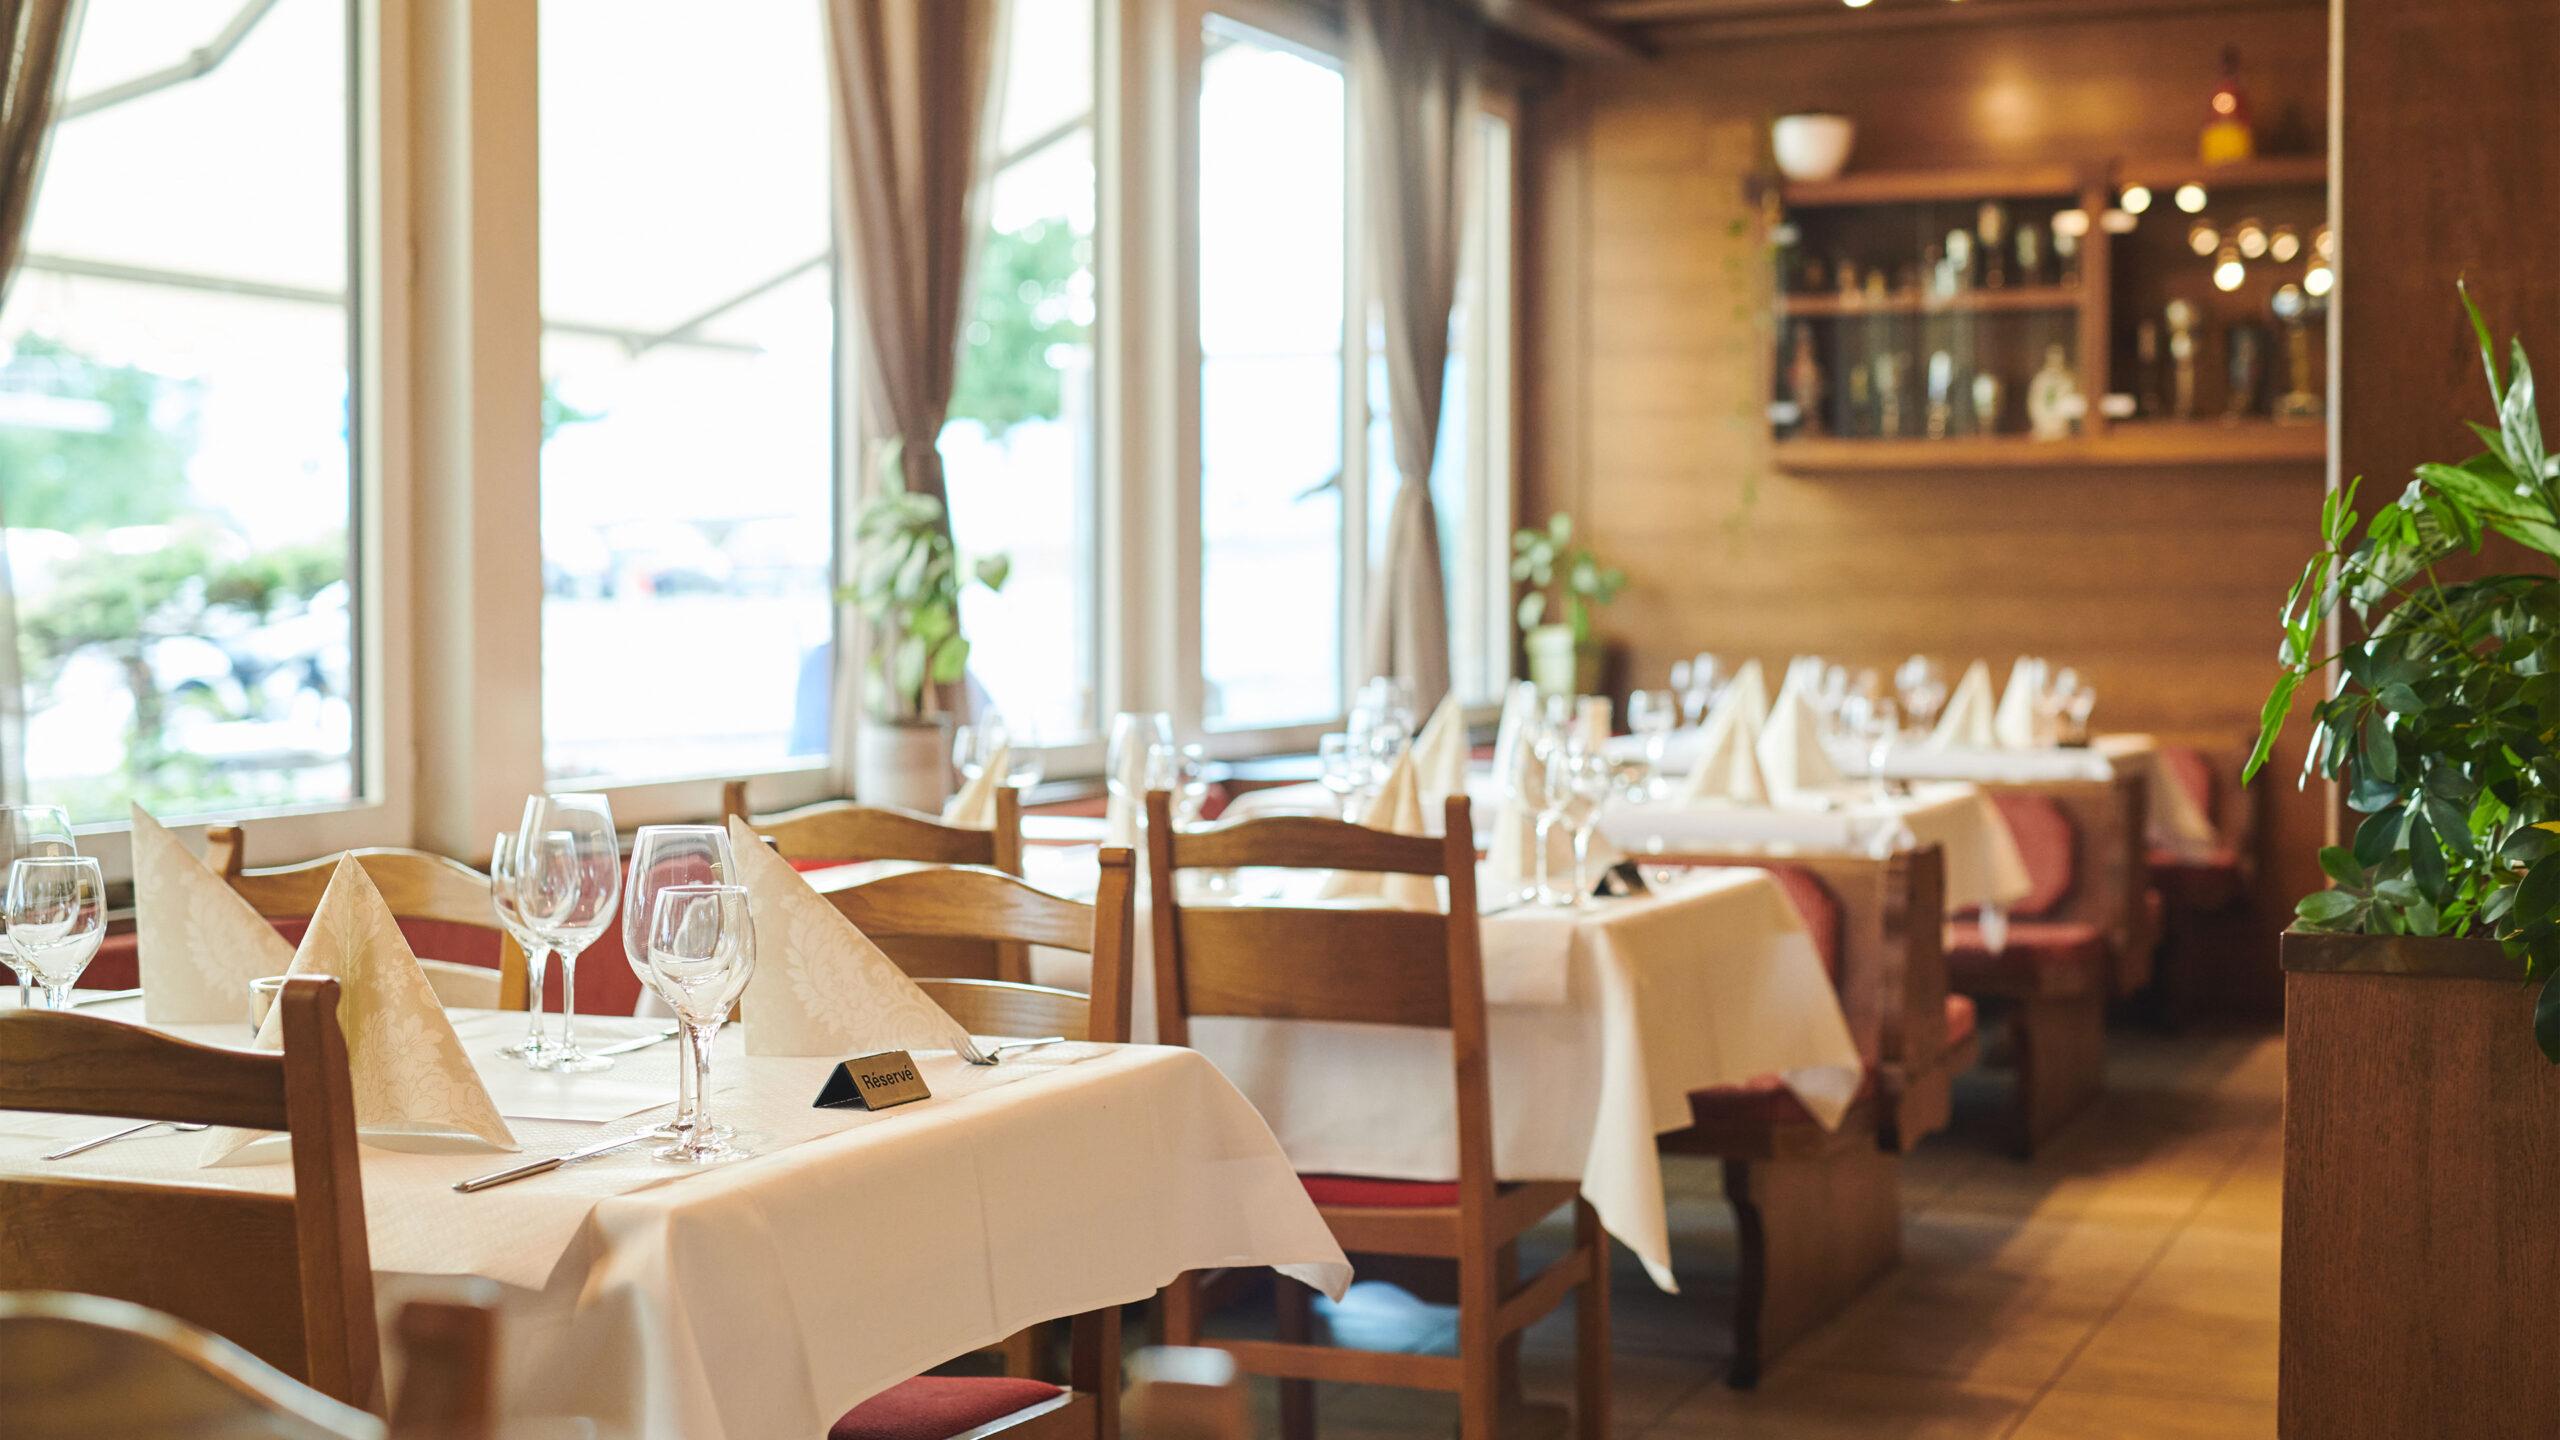 Restaurant-Schiffli-Diepoldsau-200905-PHK0174_eciRGB_v2-3840x2160